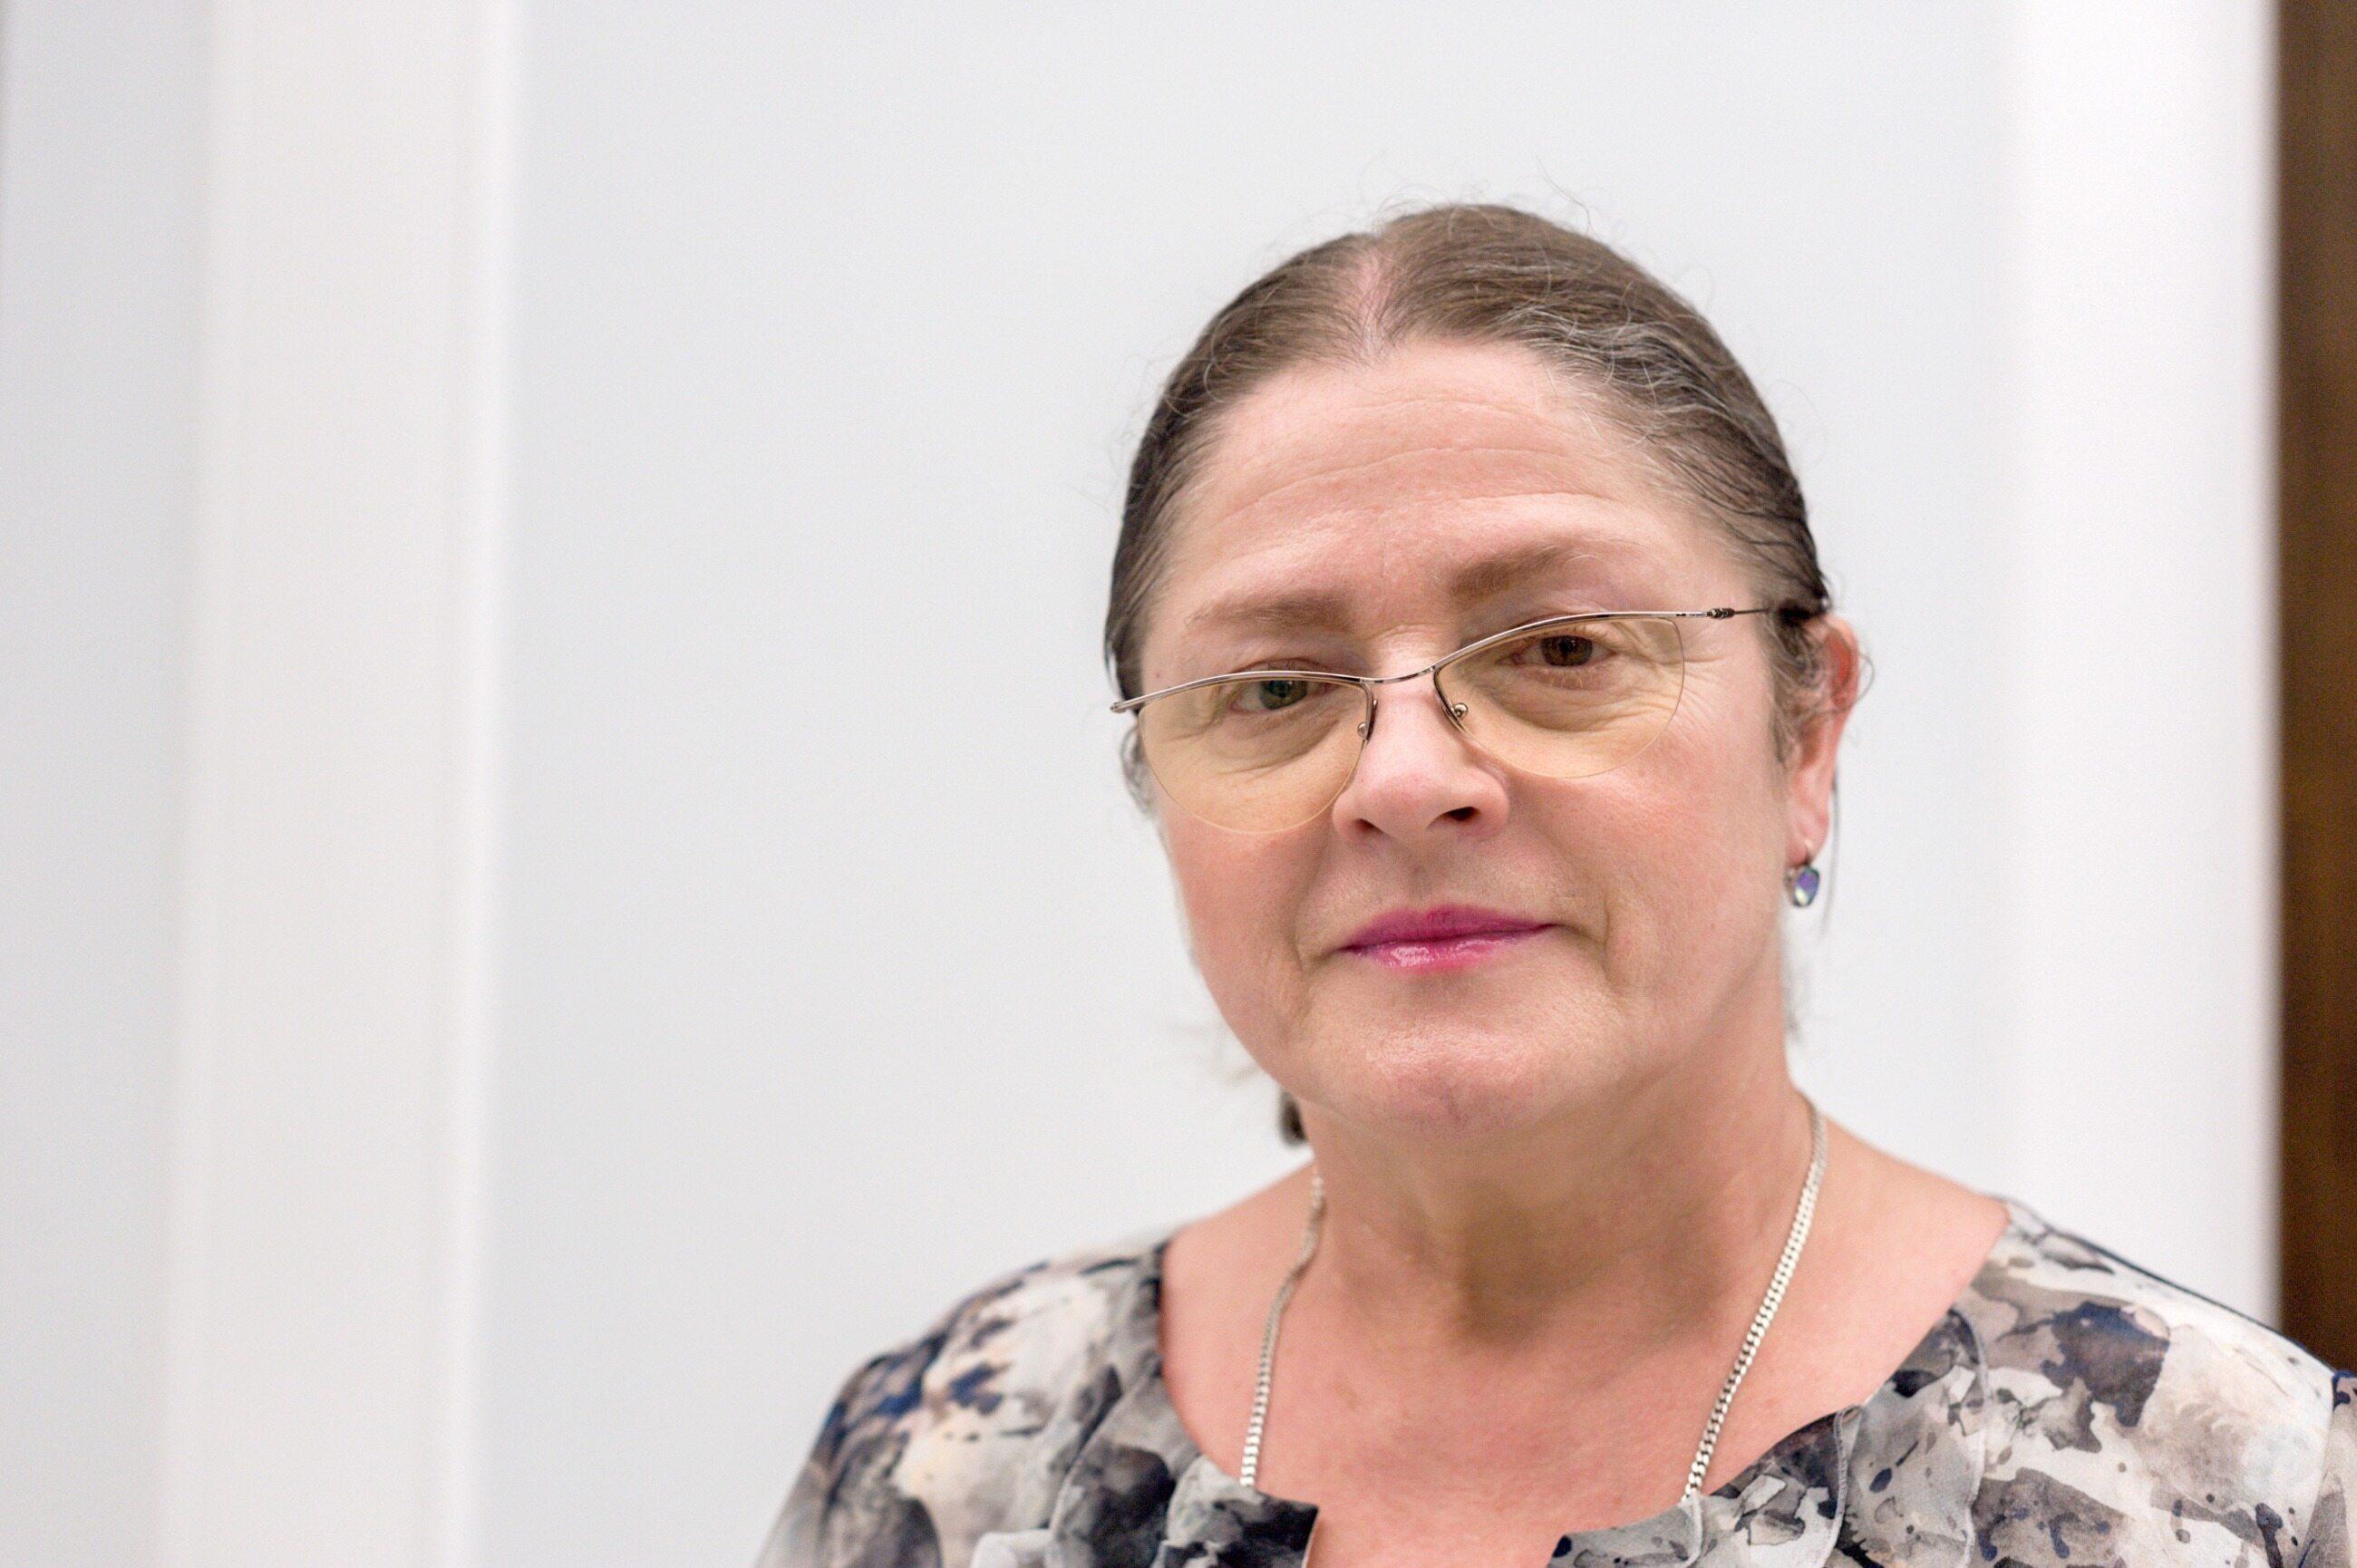 """Krystyna Pawłowicz w mediach społecznościowych zwróciła się do minister edukacji. """"Pani minister Anno Zalewska, wobec anty-uczniowskiego bojkotu przez nauczycieli egzaminacyjnej pracy ich uczniów i wychowanków, nieetycznego politycznego szantażowania uczniów, rodziców i części nauczycieli proszę rozważyć…"""